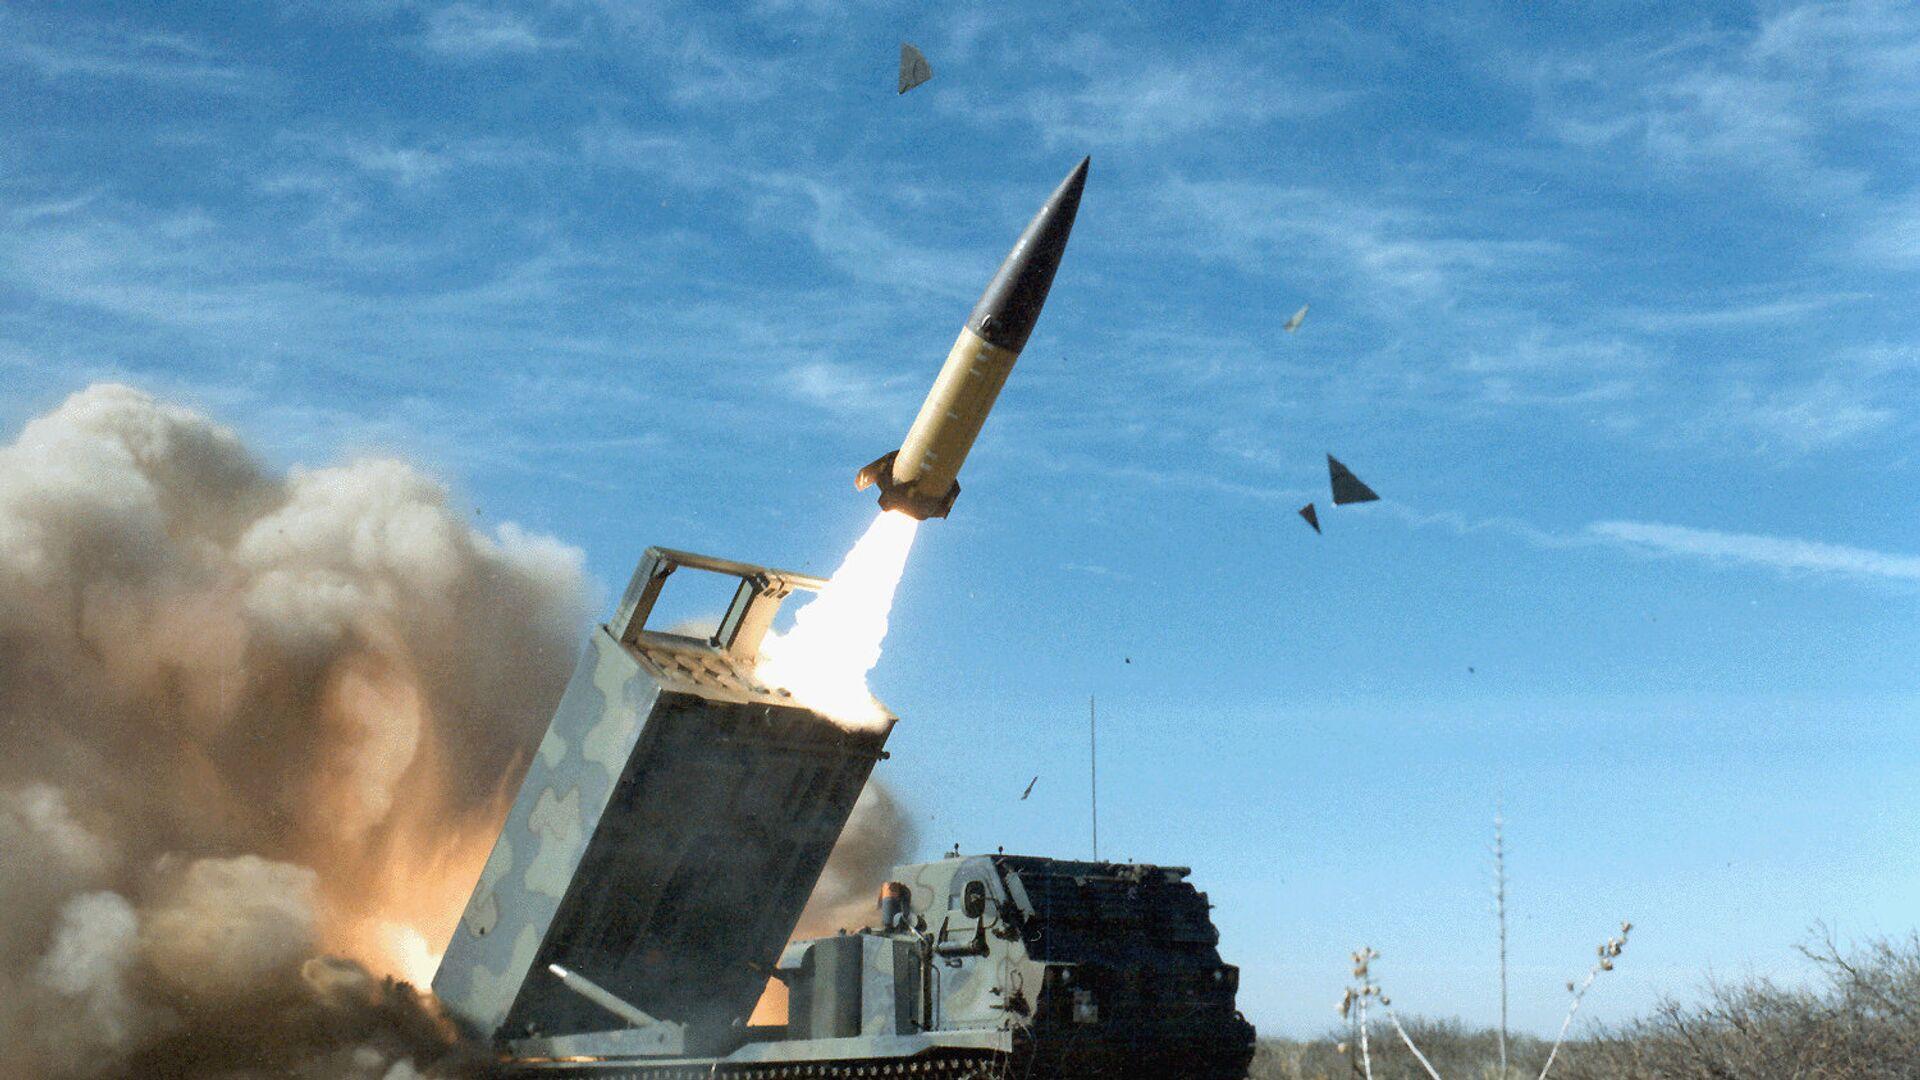 Американский оперативно-тактический ракетный комплекс MGM-140 ATACMS с баллистической ракетой малой дальности - РИА Новости, 1920, 14.06.2021